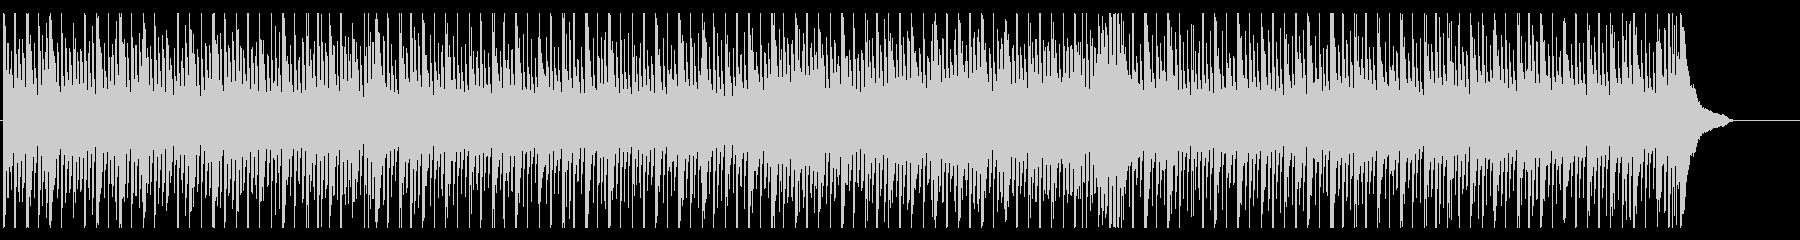 ゲームミュージック16/ピアノ、クールの未再生の波形